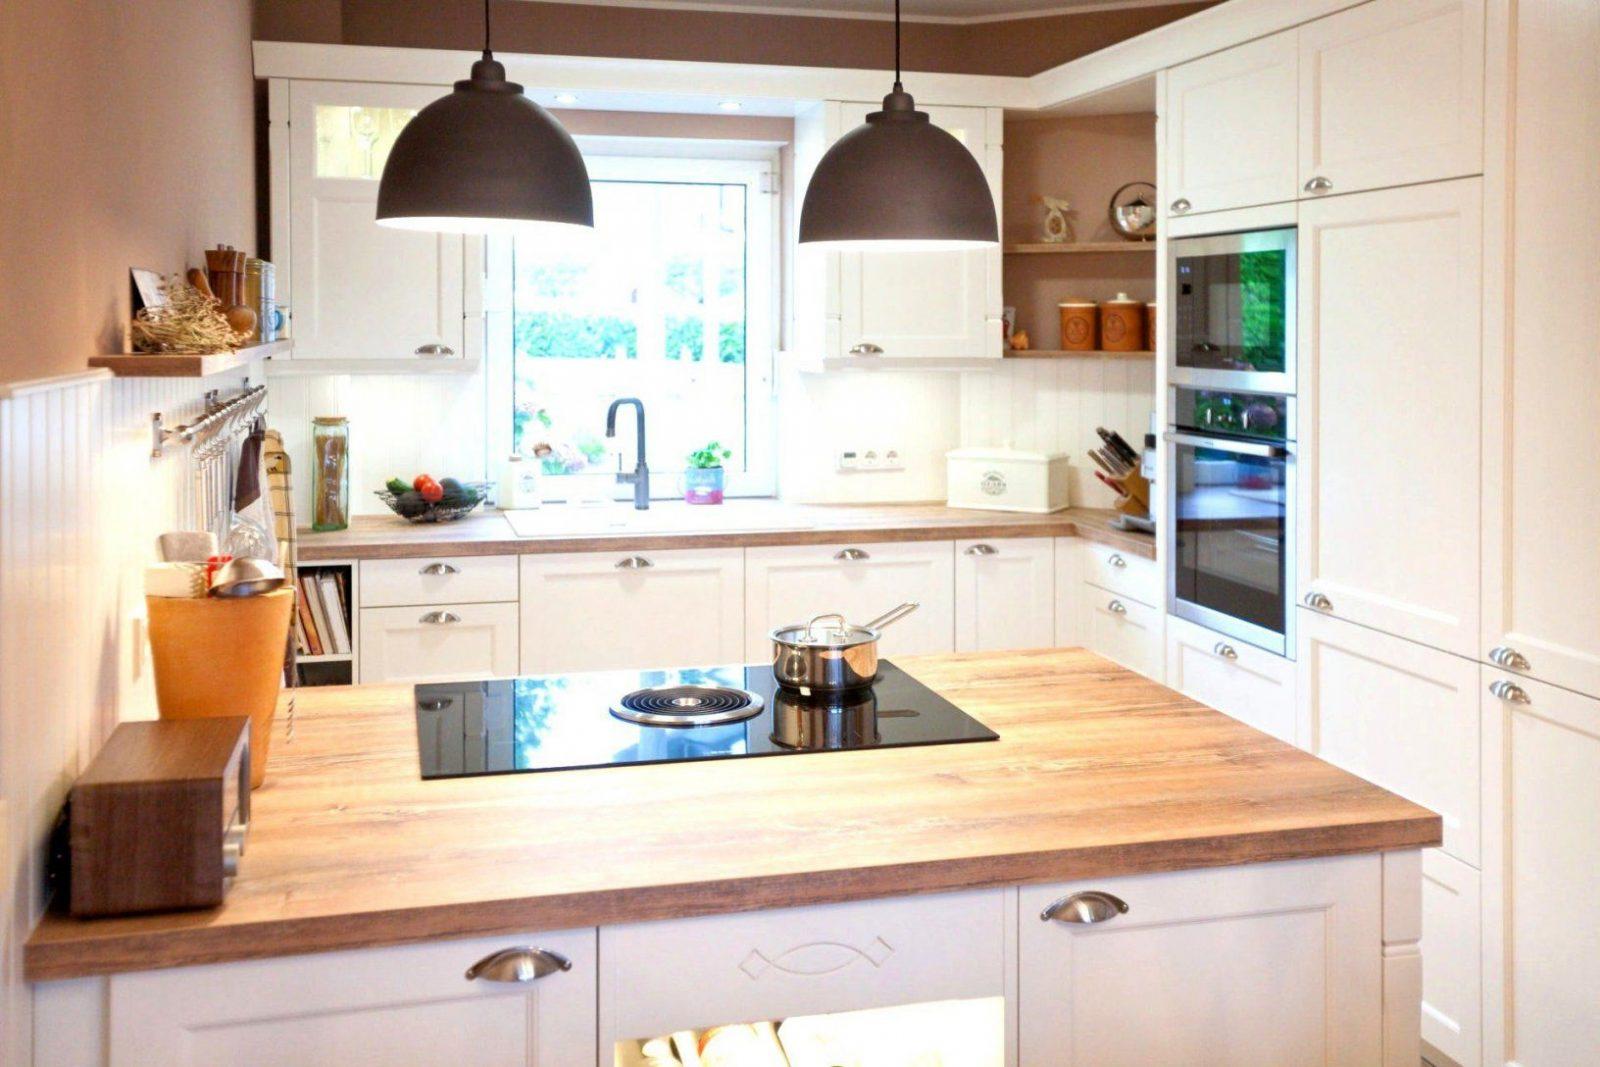 Spritzschutz Küche Selber Machen 19 Wunderbar Küchenblock Selber von Spritzschutz Küche Selber Machen Bild